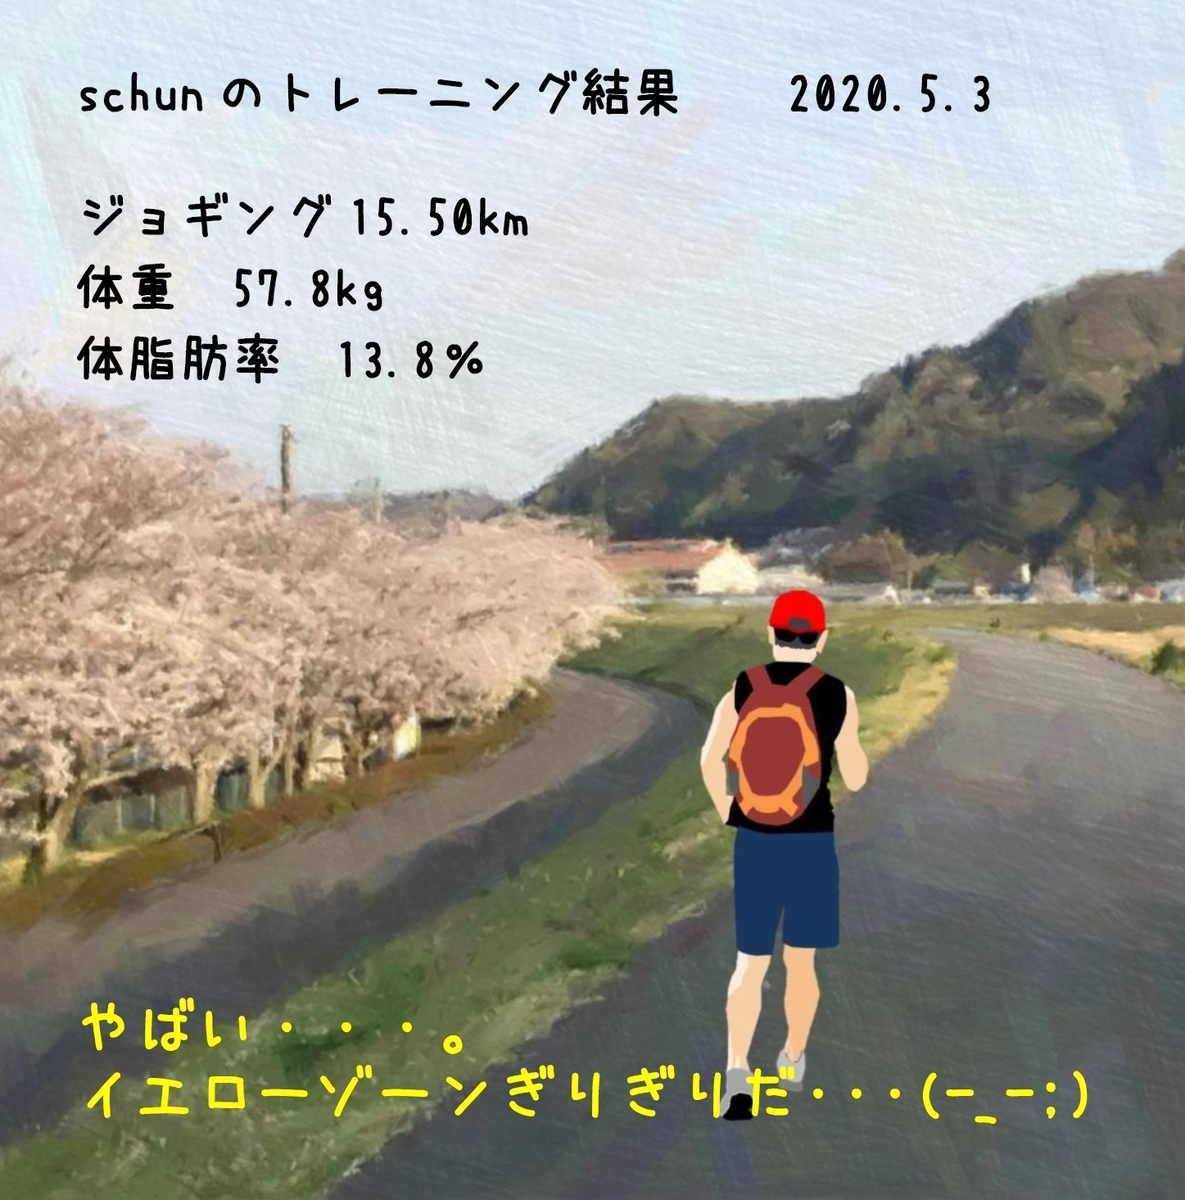 f:id:schunchi2007:20200503175219j:plain